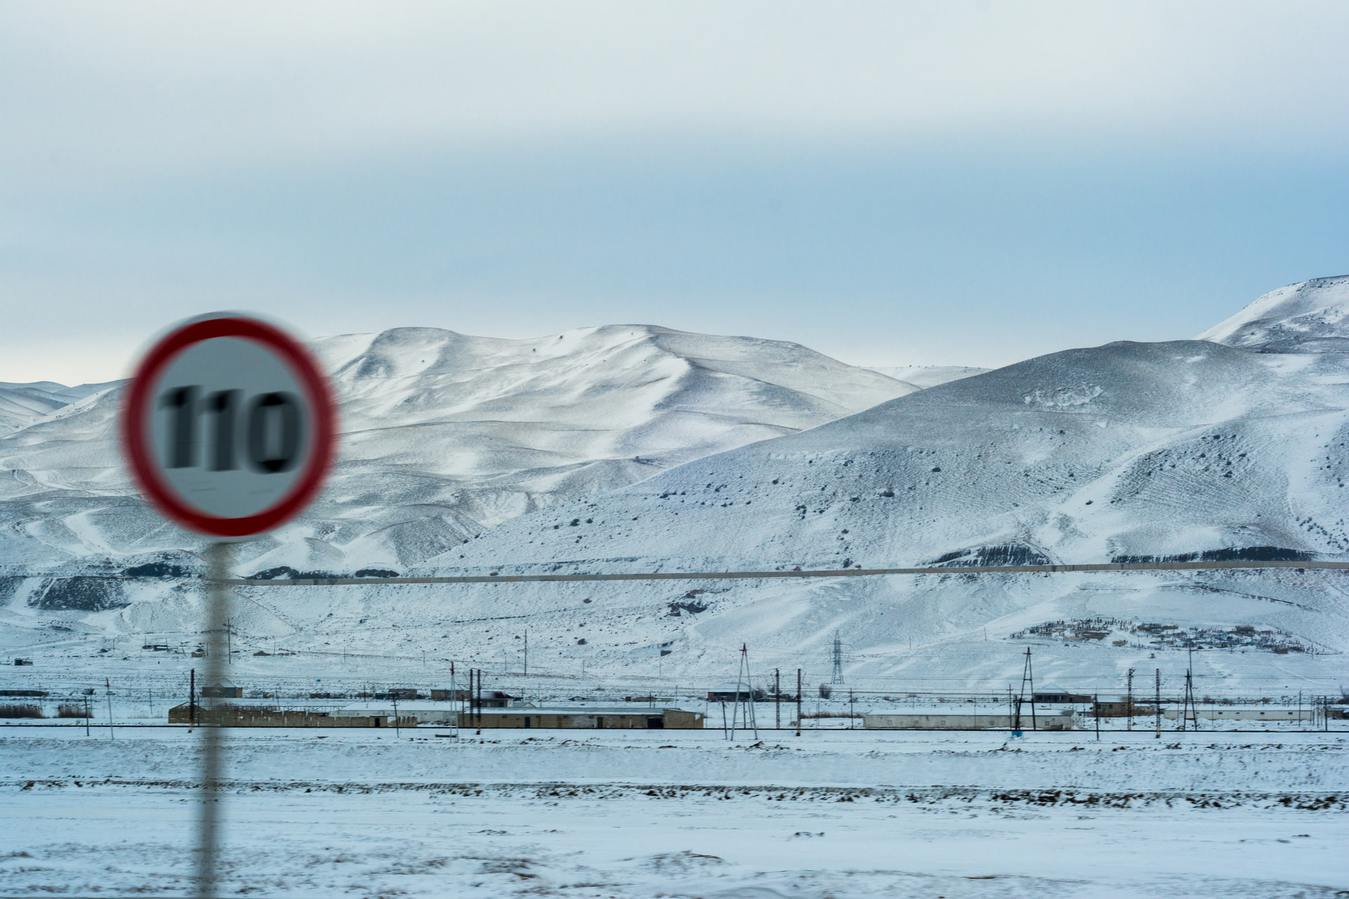 tuyết phong cảnh tốc độ giới hạn biển báo mờ